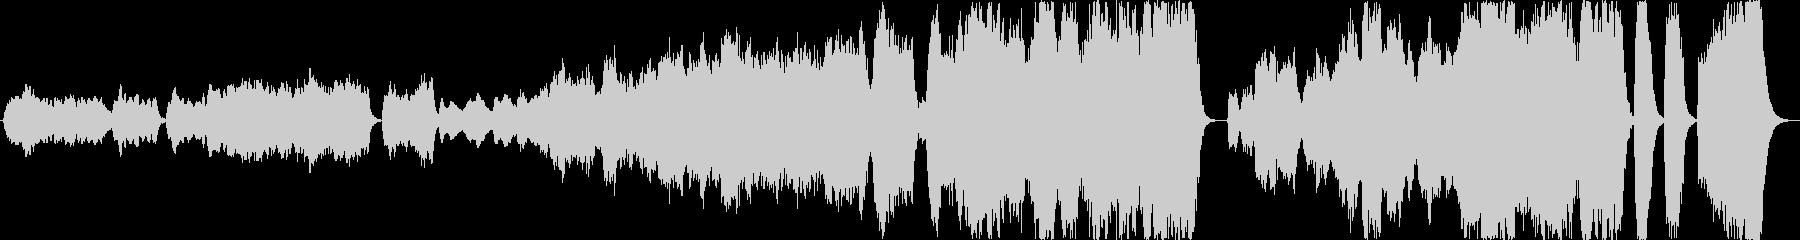 ファンタジーで雄大な雰囲気のBGMの未再生の波形